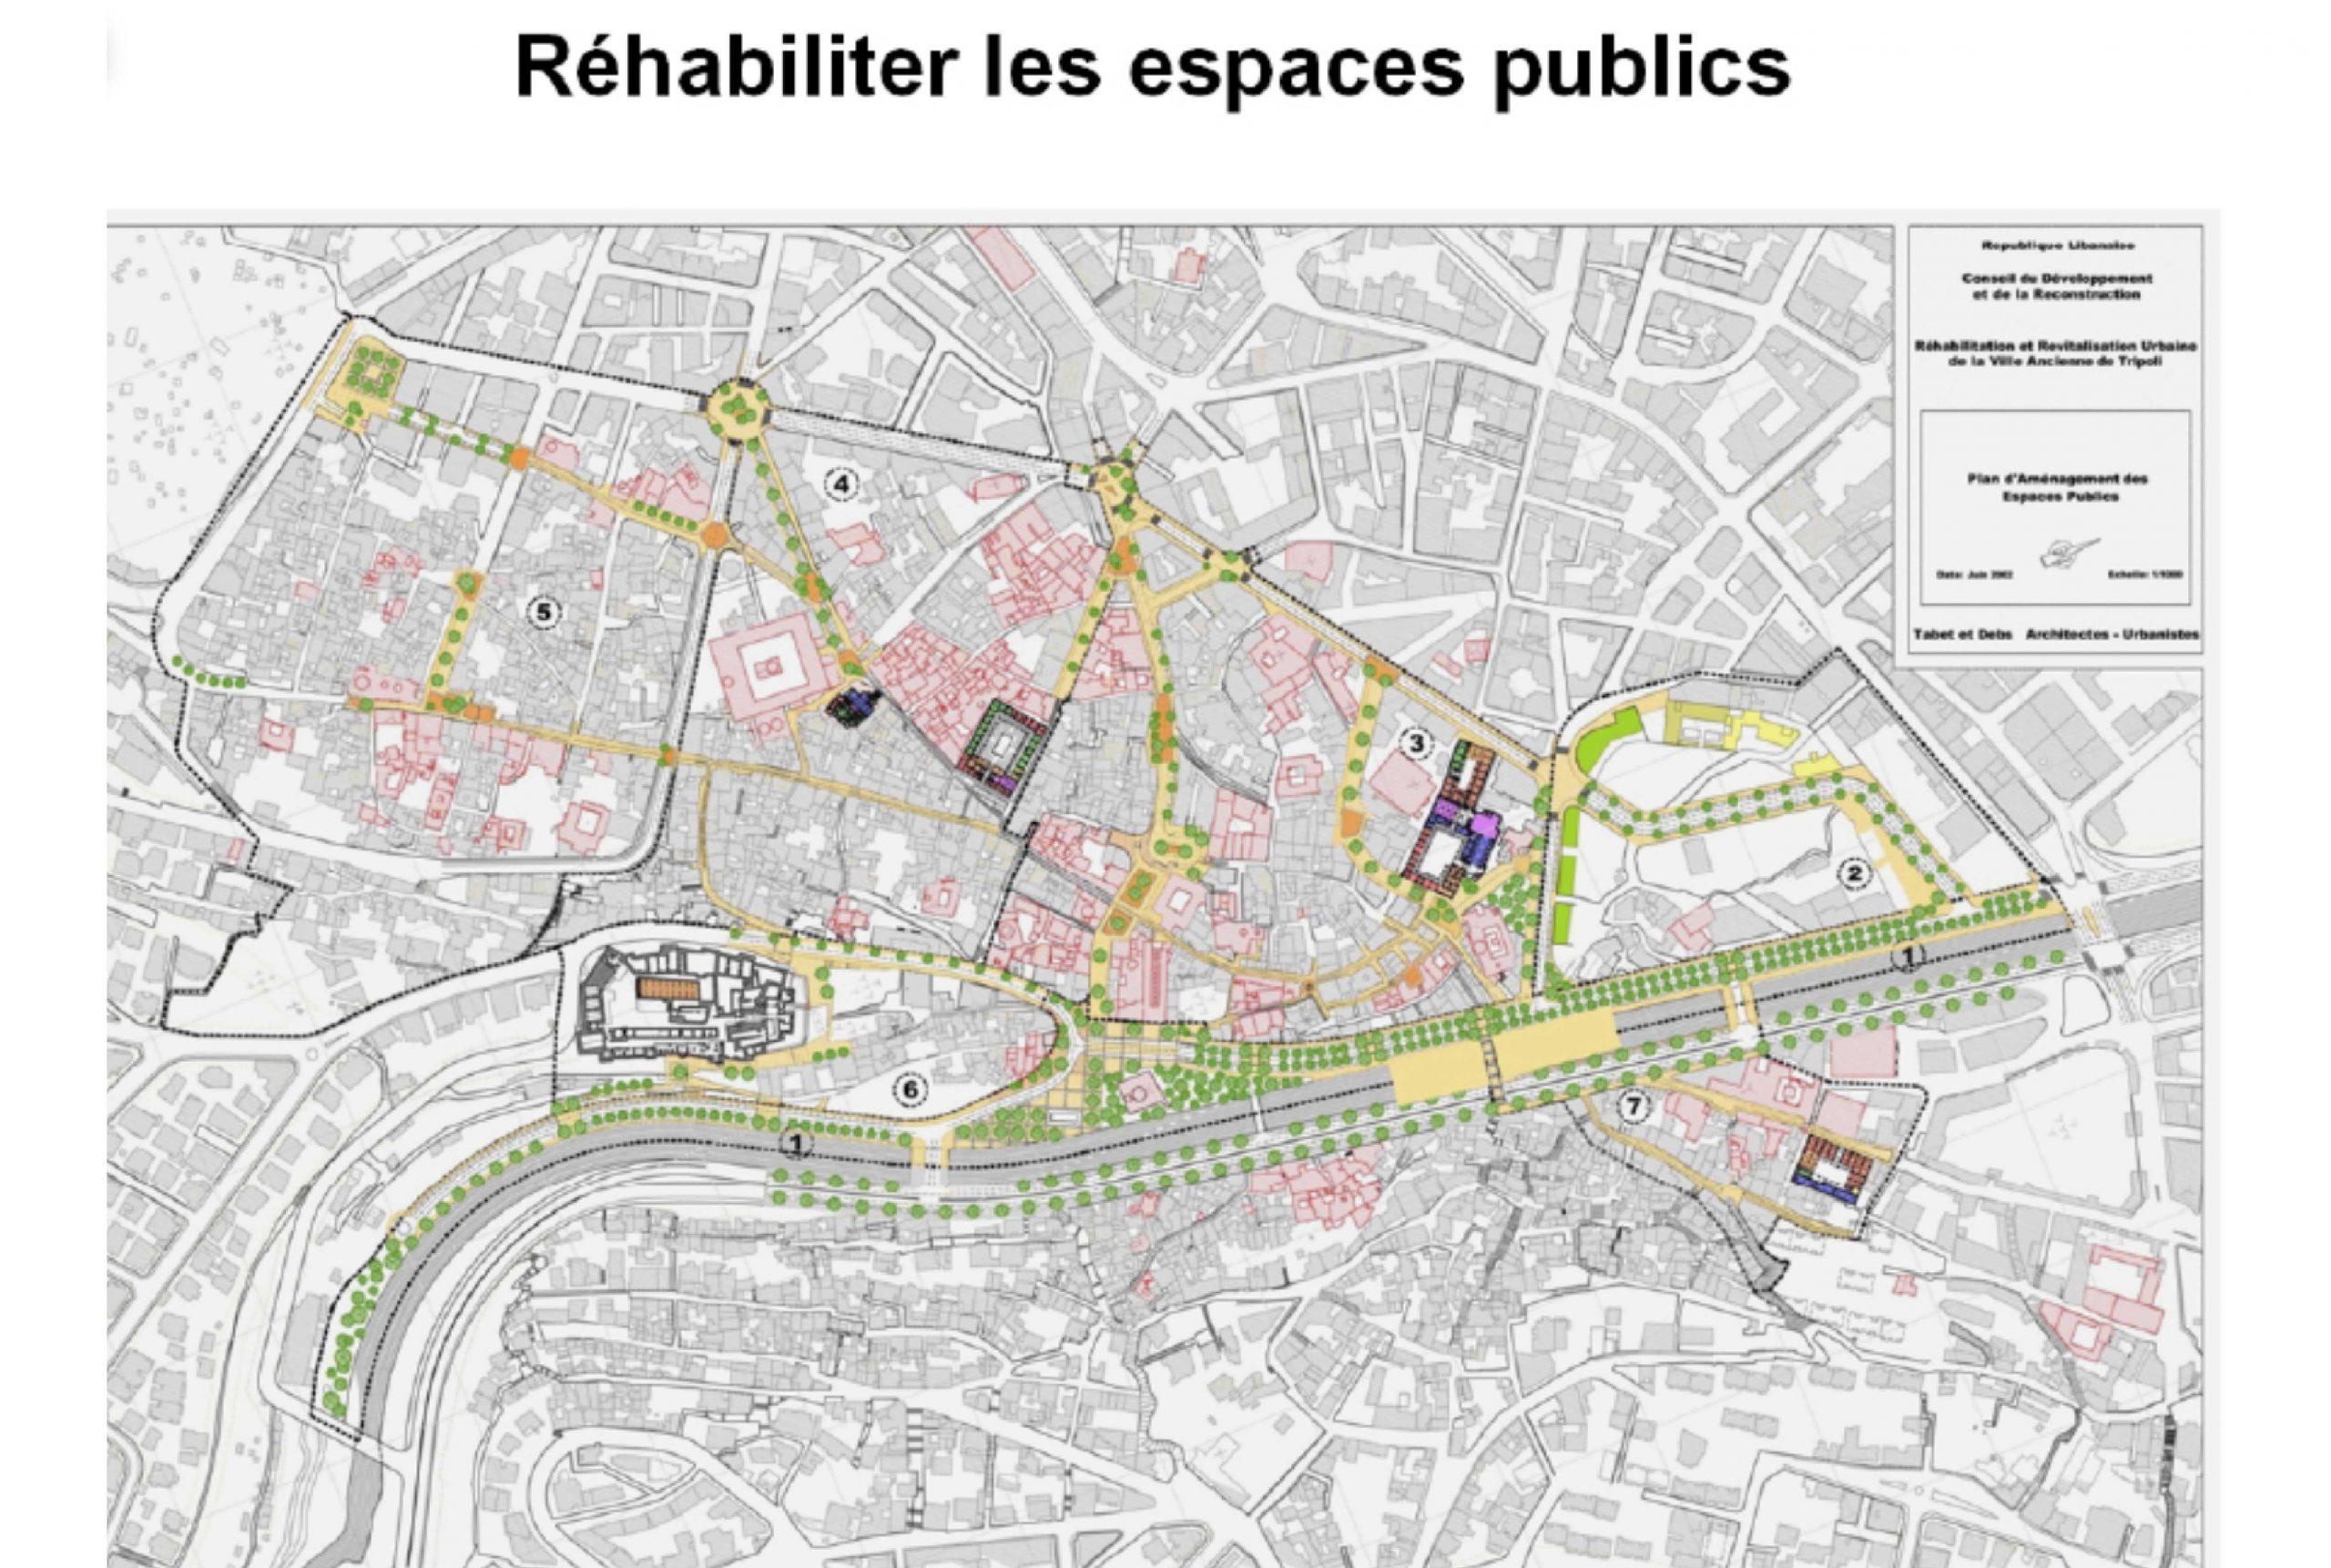 Projet urbanisme  par Atelier JS Tabet